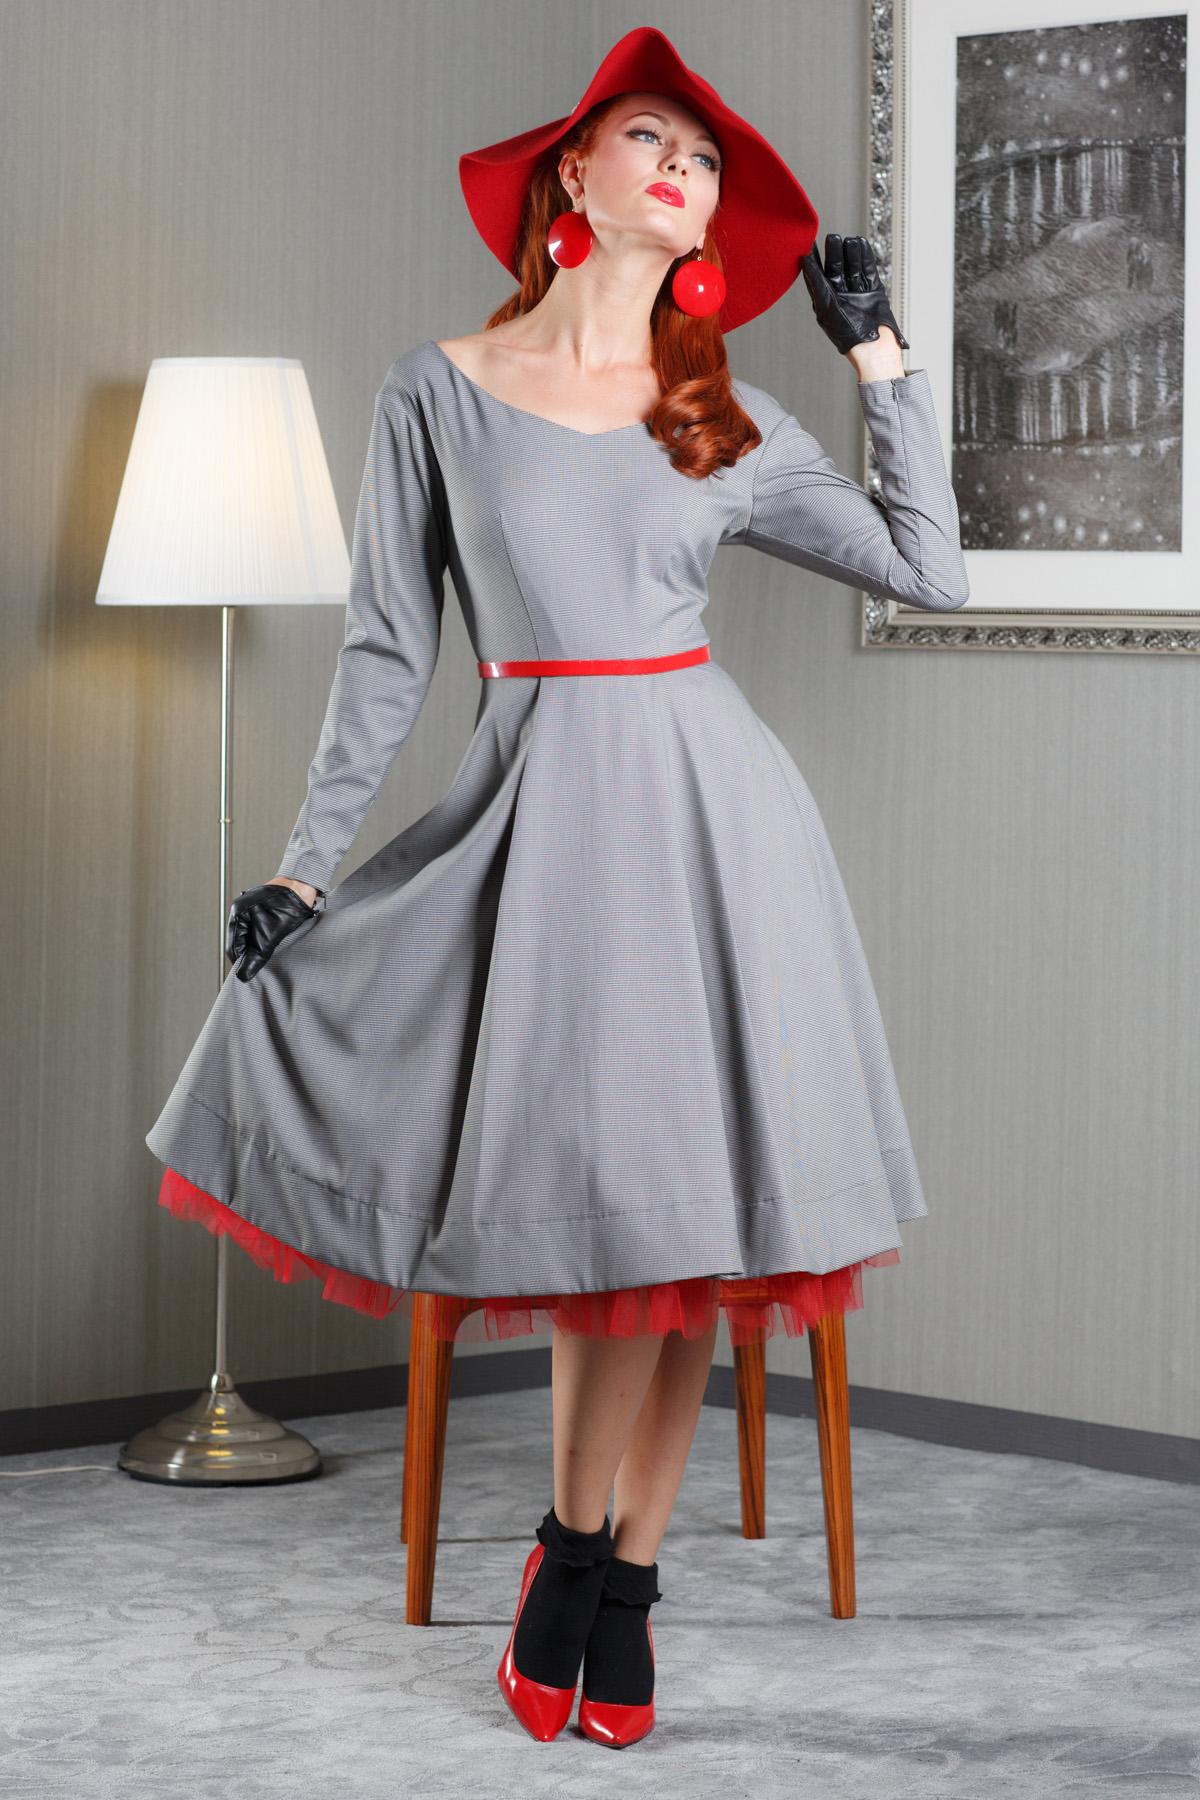 ПлатьеПлатья<br>Платье из костюмной ткани. Необычный крой рукава и спущенное плечо в комплекте с прилегающим верхом и расклешенной юбкой, создают романтичный офисный образ. В комплект изделию входит юбка пачка и ремень контрастного черного цвета.   Длина изделия от талии 70 см в готовом виде от талии (для размера 44).  Цвет: серый, красный  Рост девушки-фотомодели 172 см.<br><br>Горловина: V- горловина<br>По длине: Ниже колена<br>По материалу: Костюмные ткани<br>По образу: Город,Свидание<br>По рисунку: Однотонные<br>По сезону: Зима,Осень,Весна<br>По стилю: Нарядный стиль,Повседневный стиль<br>По форме: Платье - трапеция<br>По элементам: С декором,С подкладом<br>Рукав: Длинный рукав<br>По силуэту: Приталенные<br>Размер : 44<br>Материал: Костюмно-плательная ткань<br>Количество в наличии: 1